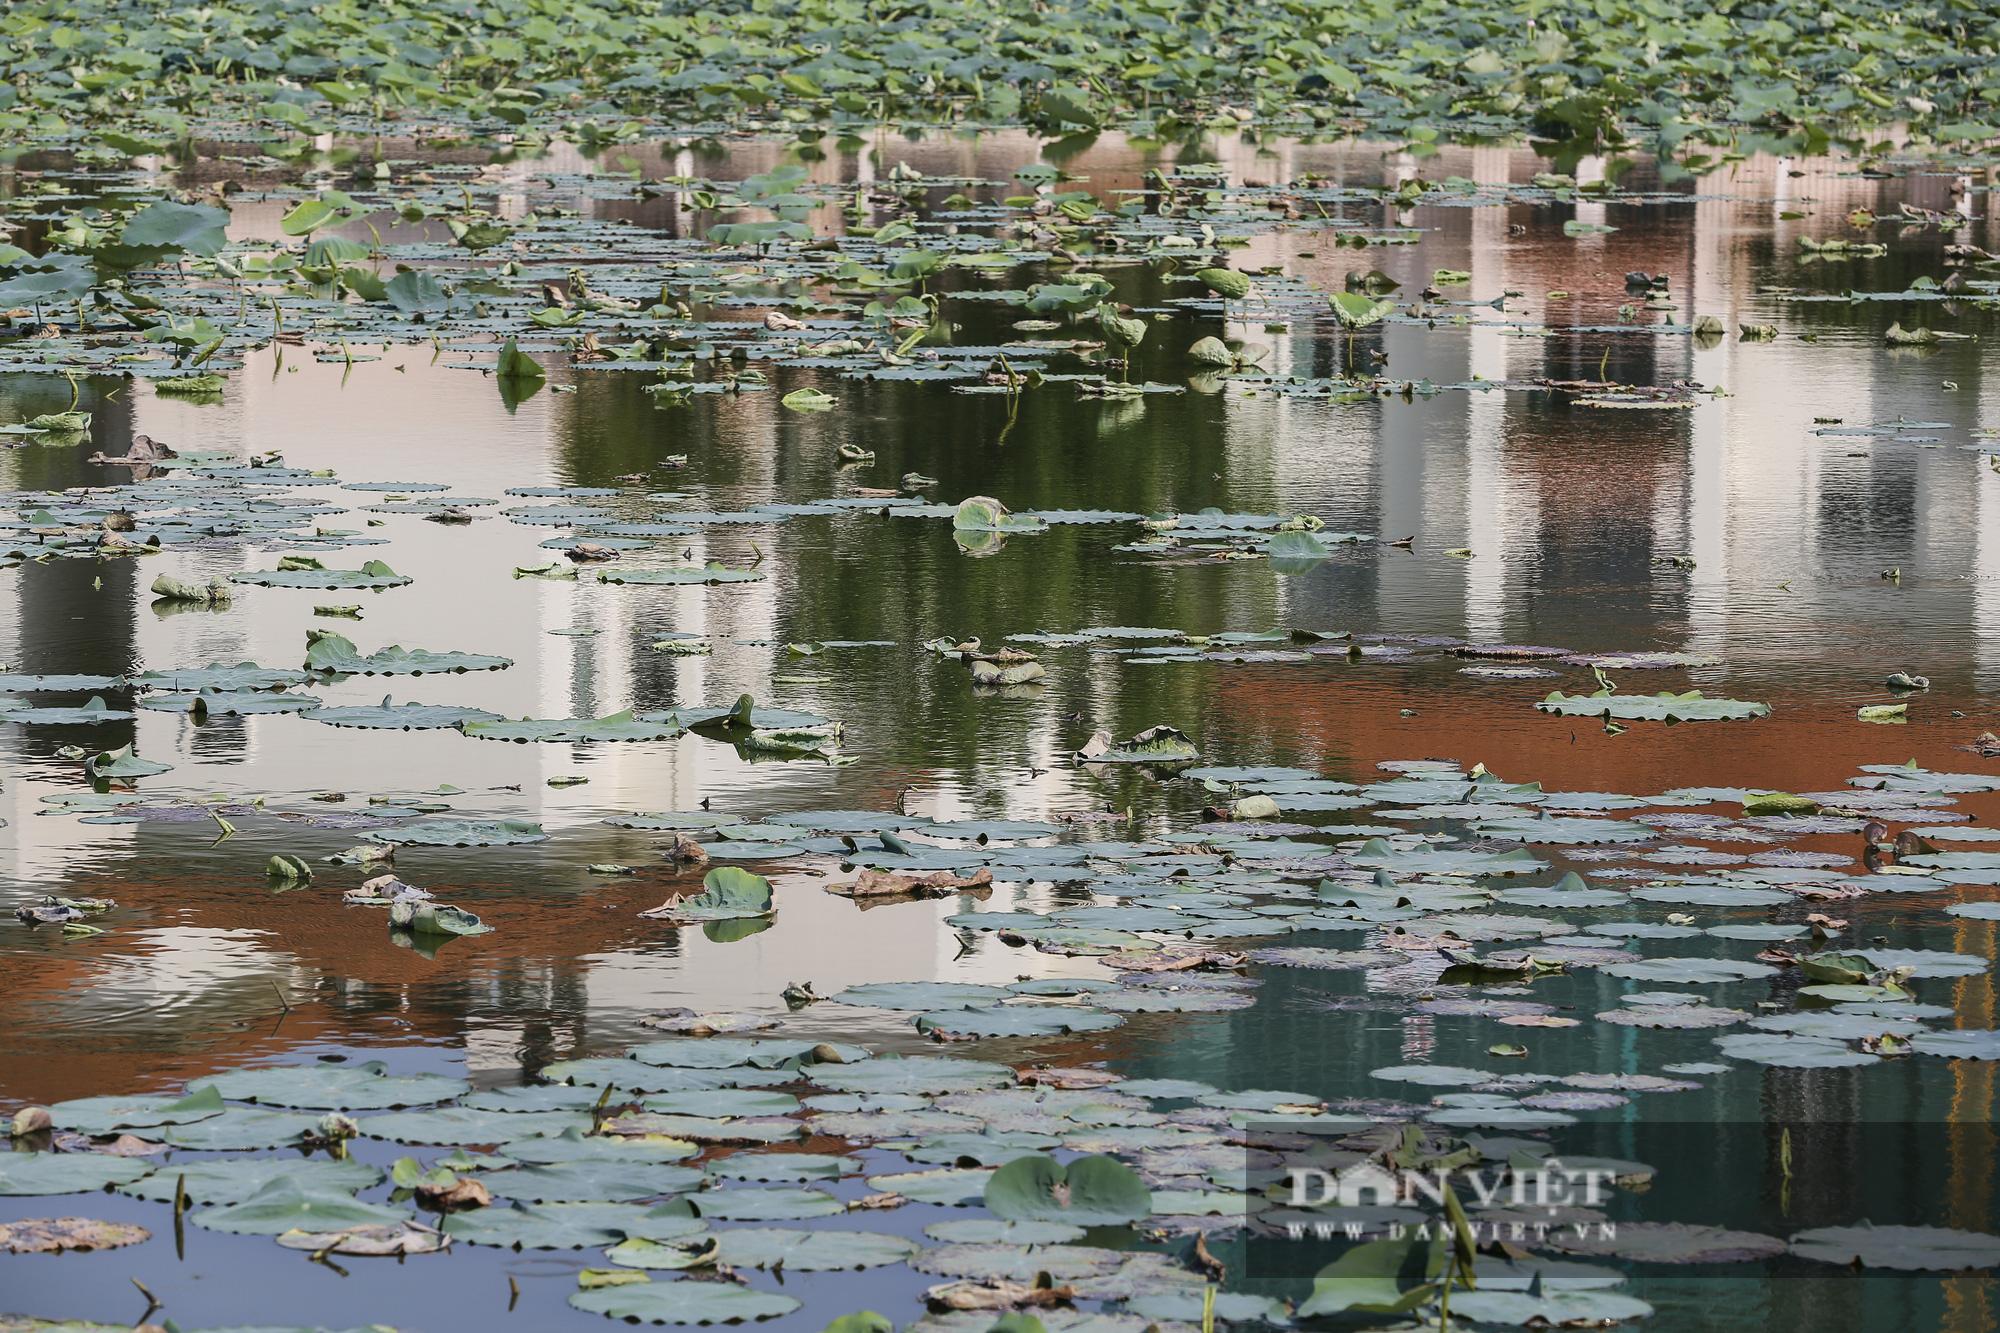 Đầm sen hồ Tây vắng lặng chưa từng có, chủ đầm thiệt hại nặng nề  - Ảnh 8.